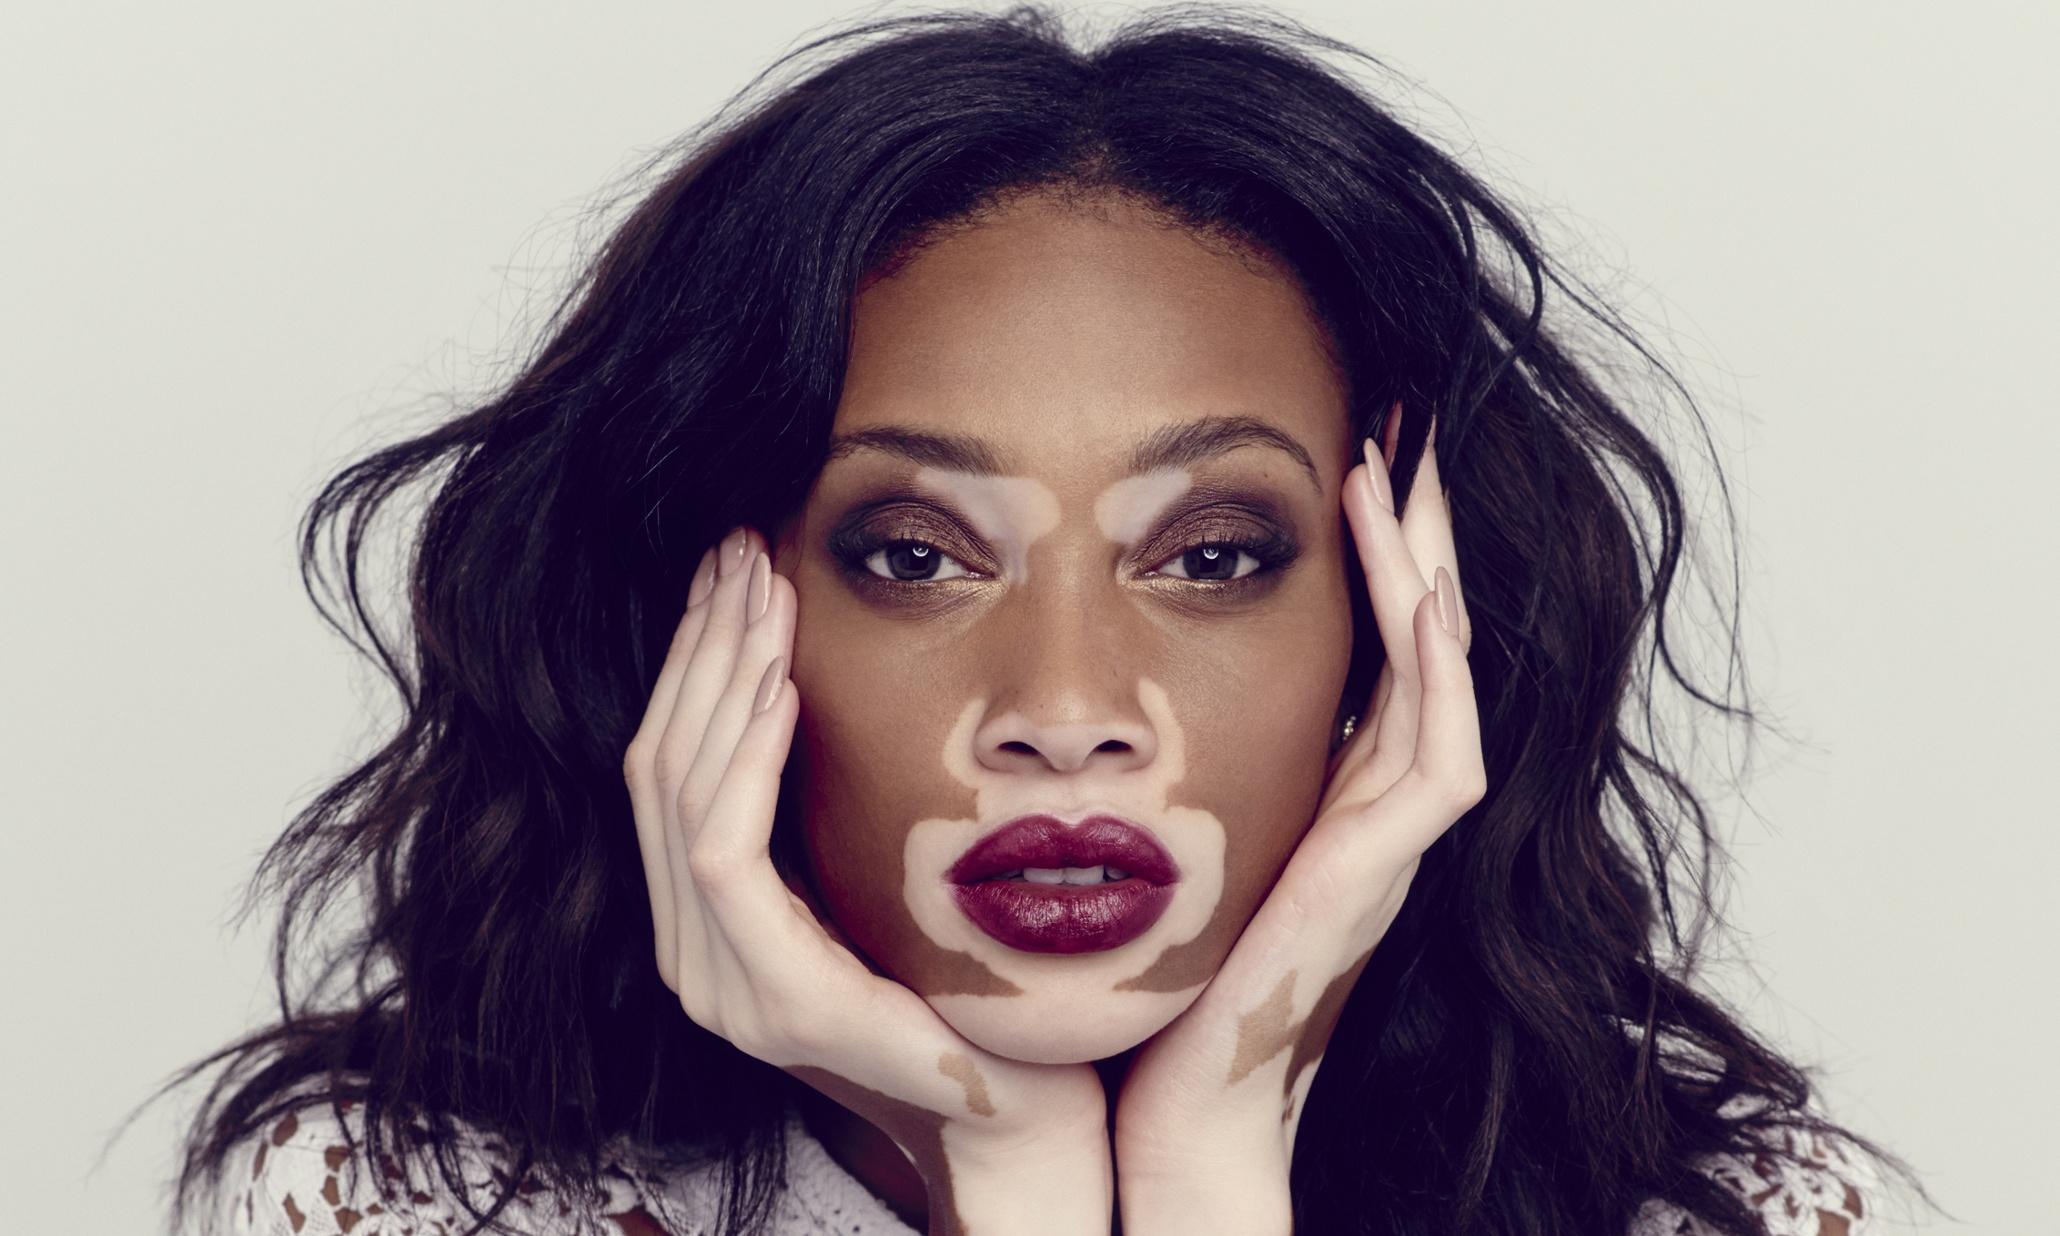 Saiba mais sobre o Vitiligo